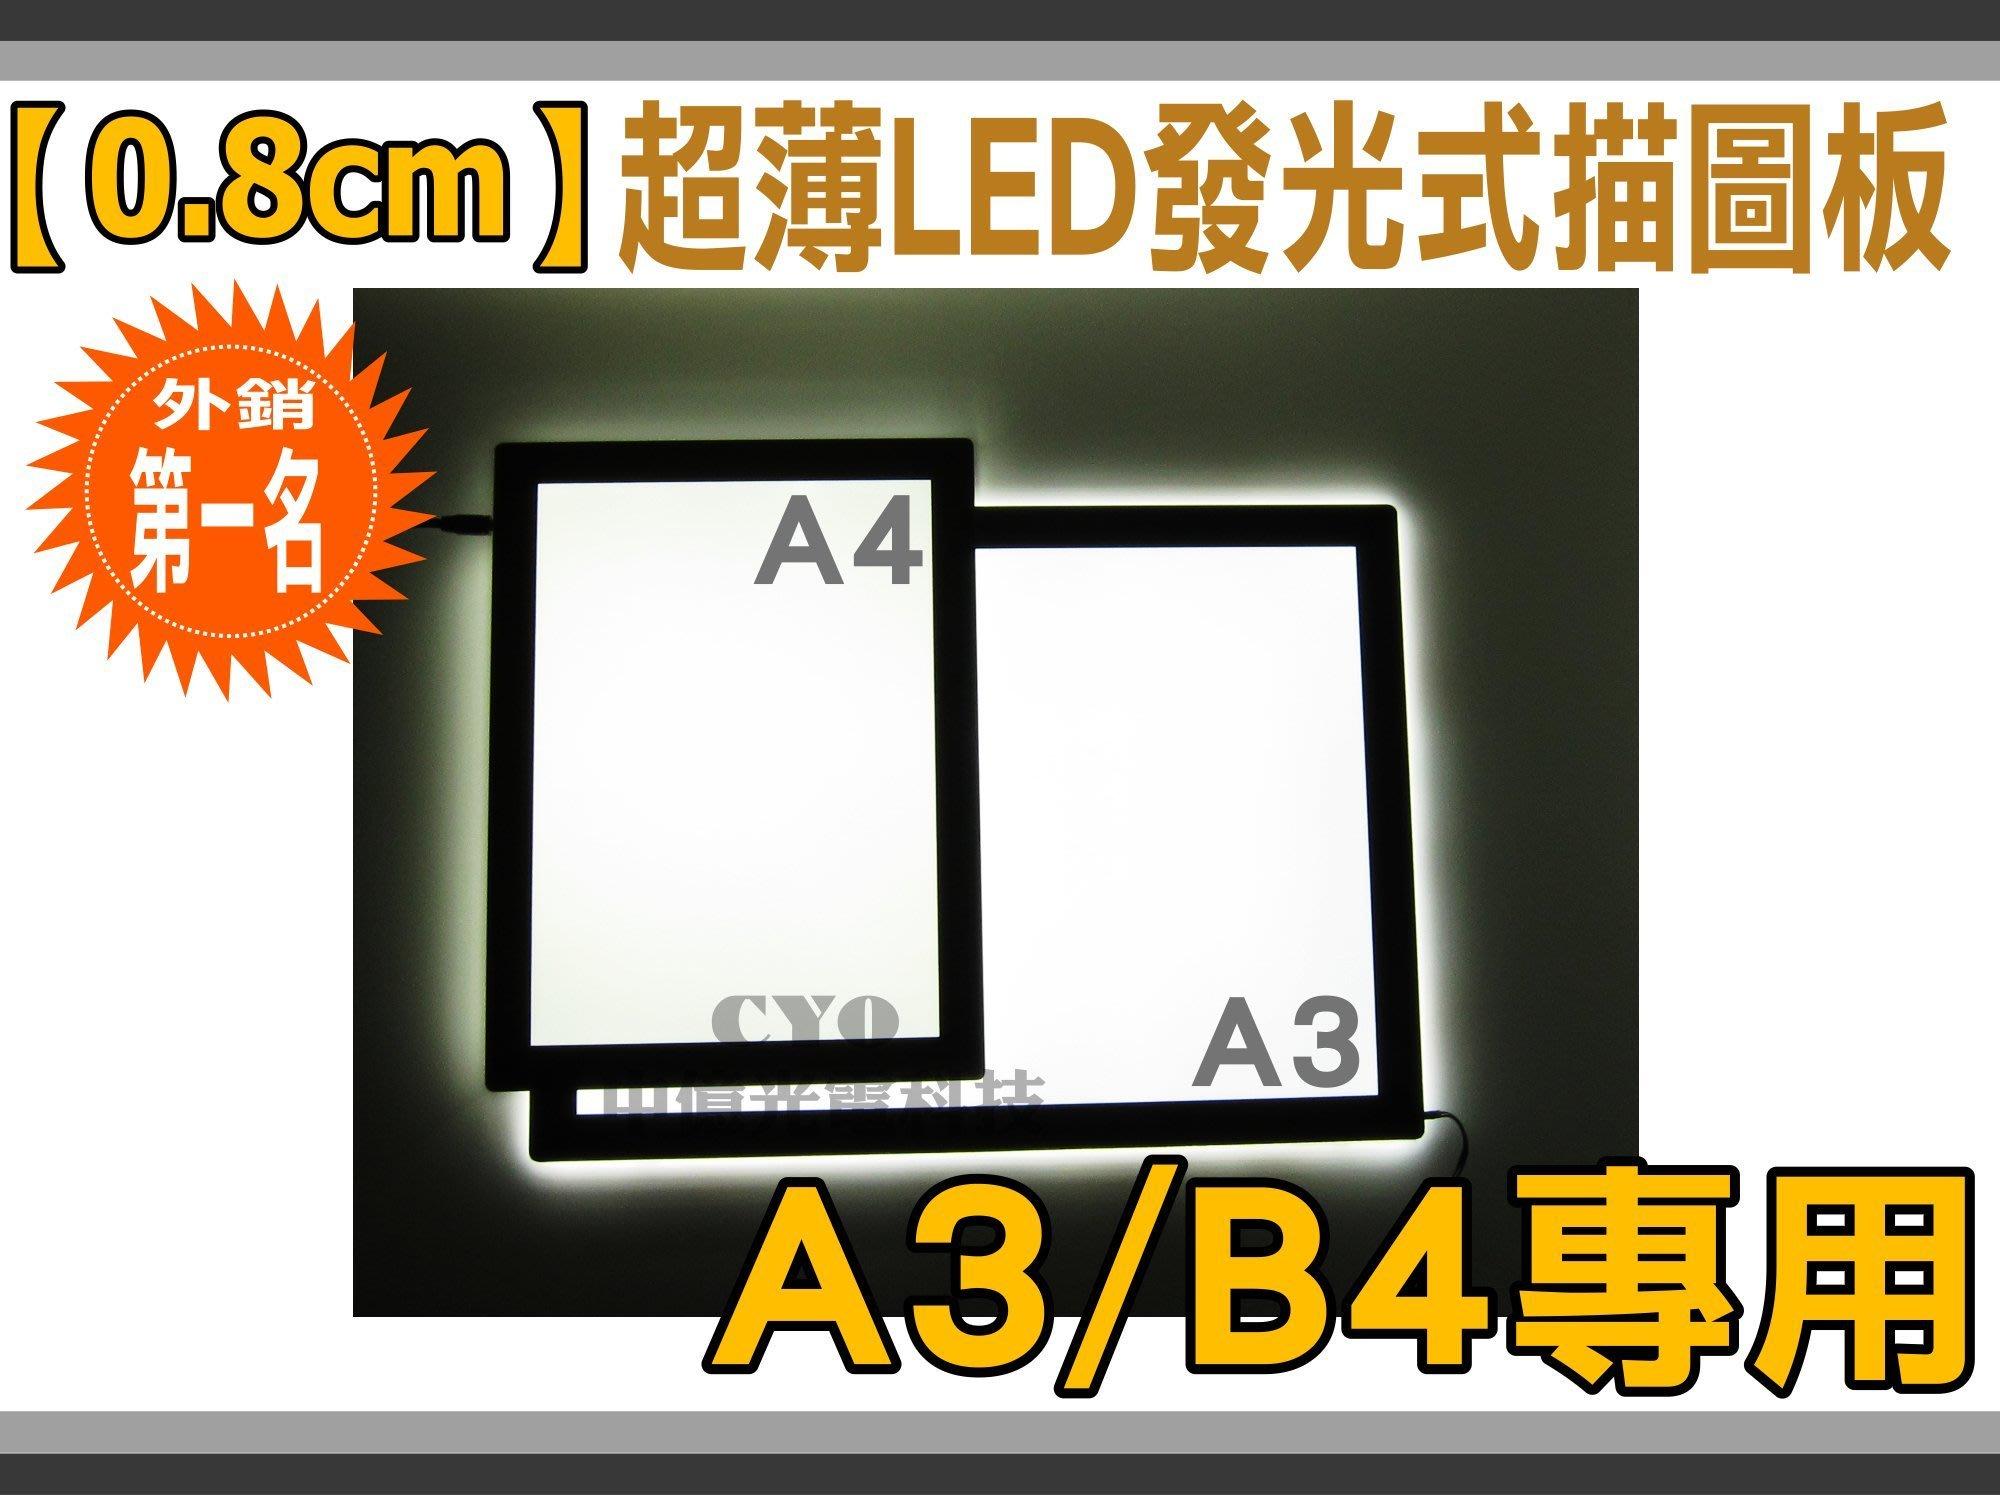 中億~【0.8cm】超薄【A3/B4用】LED發光式描圖板/透寫台、可調光型、書法臨摹/素描可用